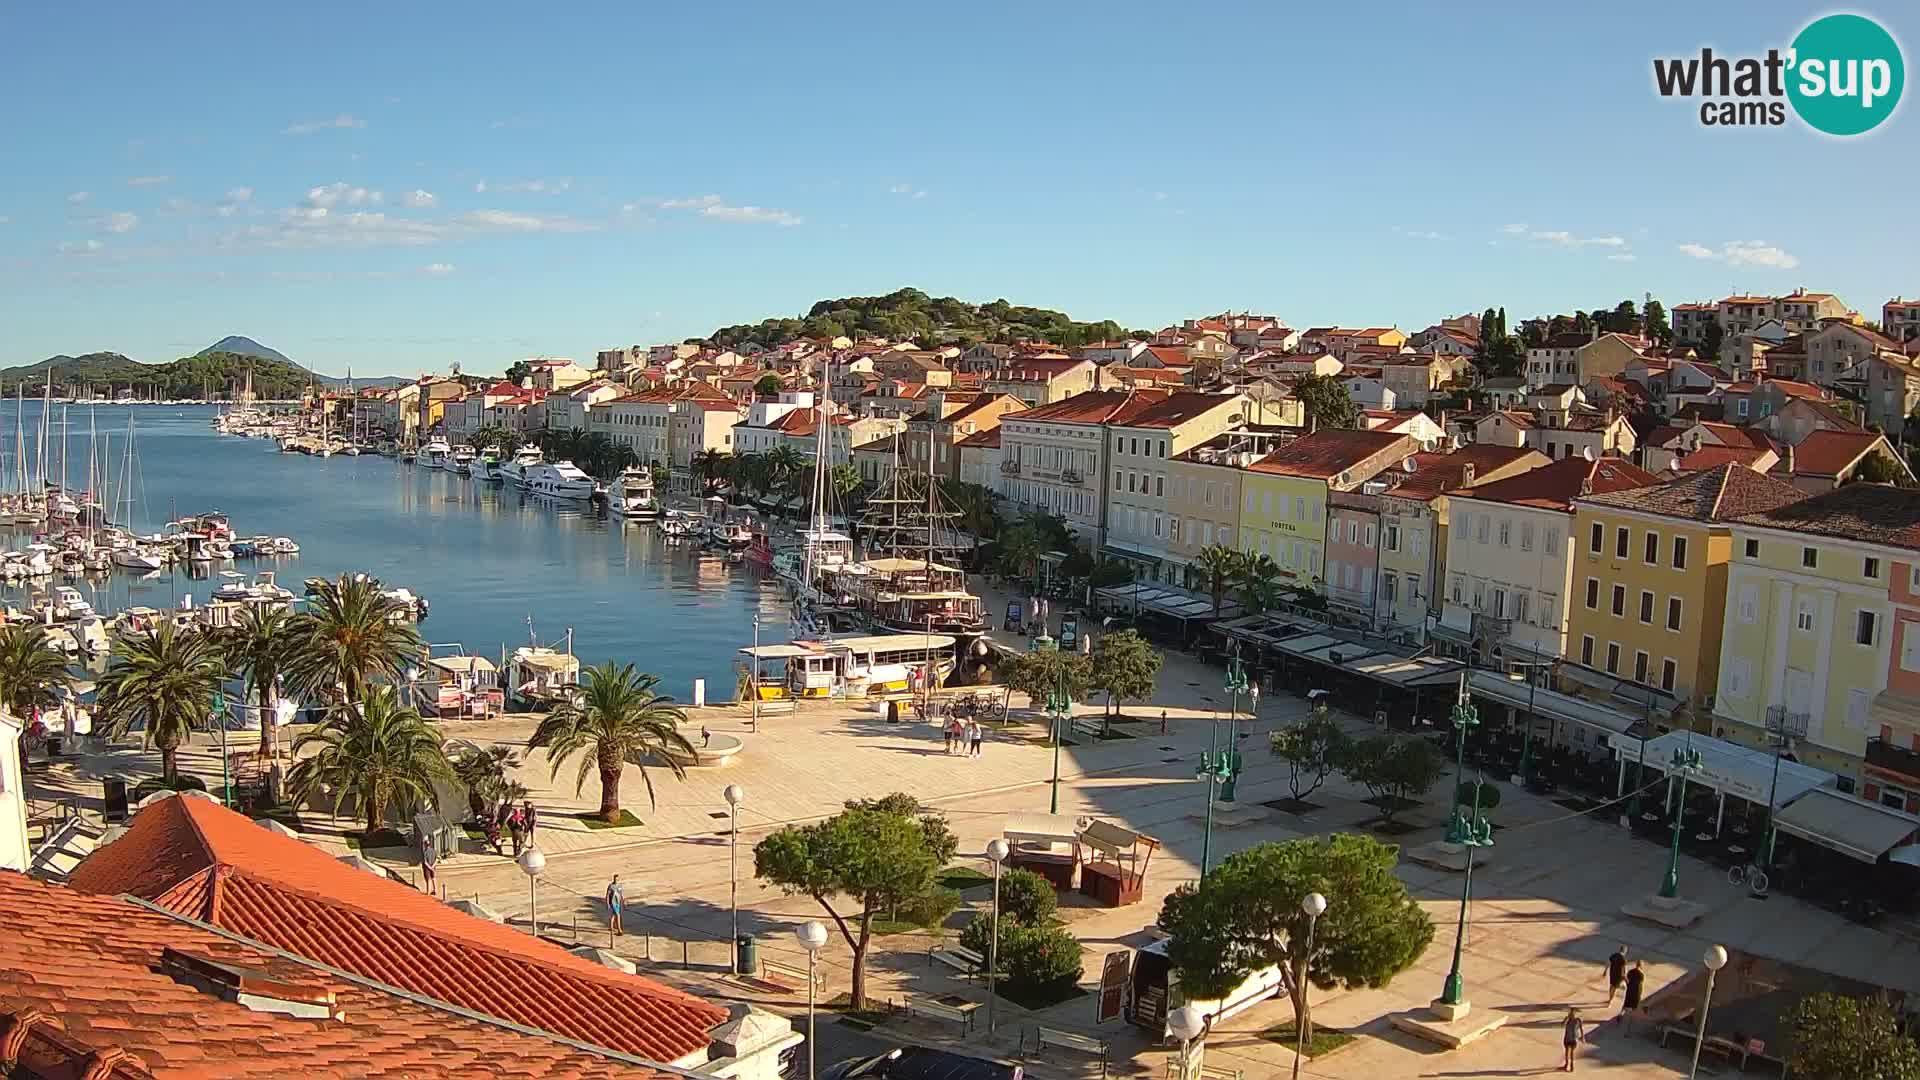 Webcam live Mali Lošinj – Piazza principale